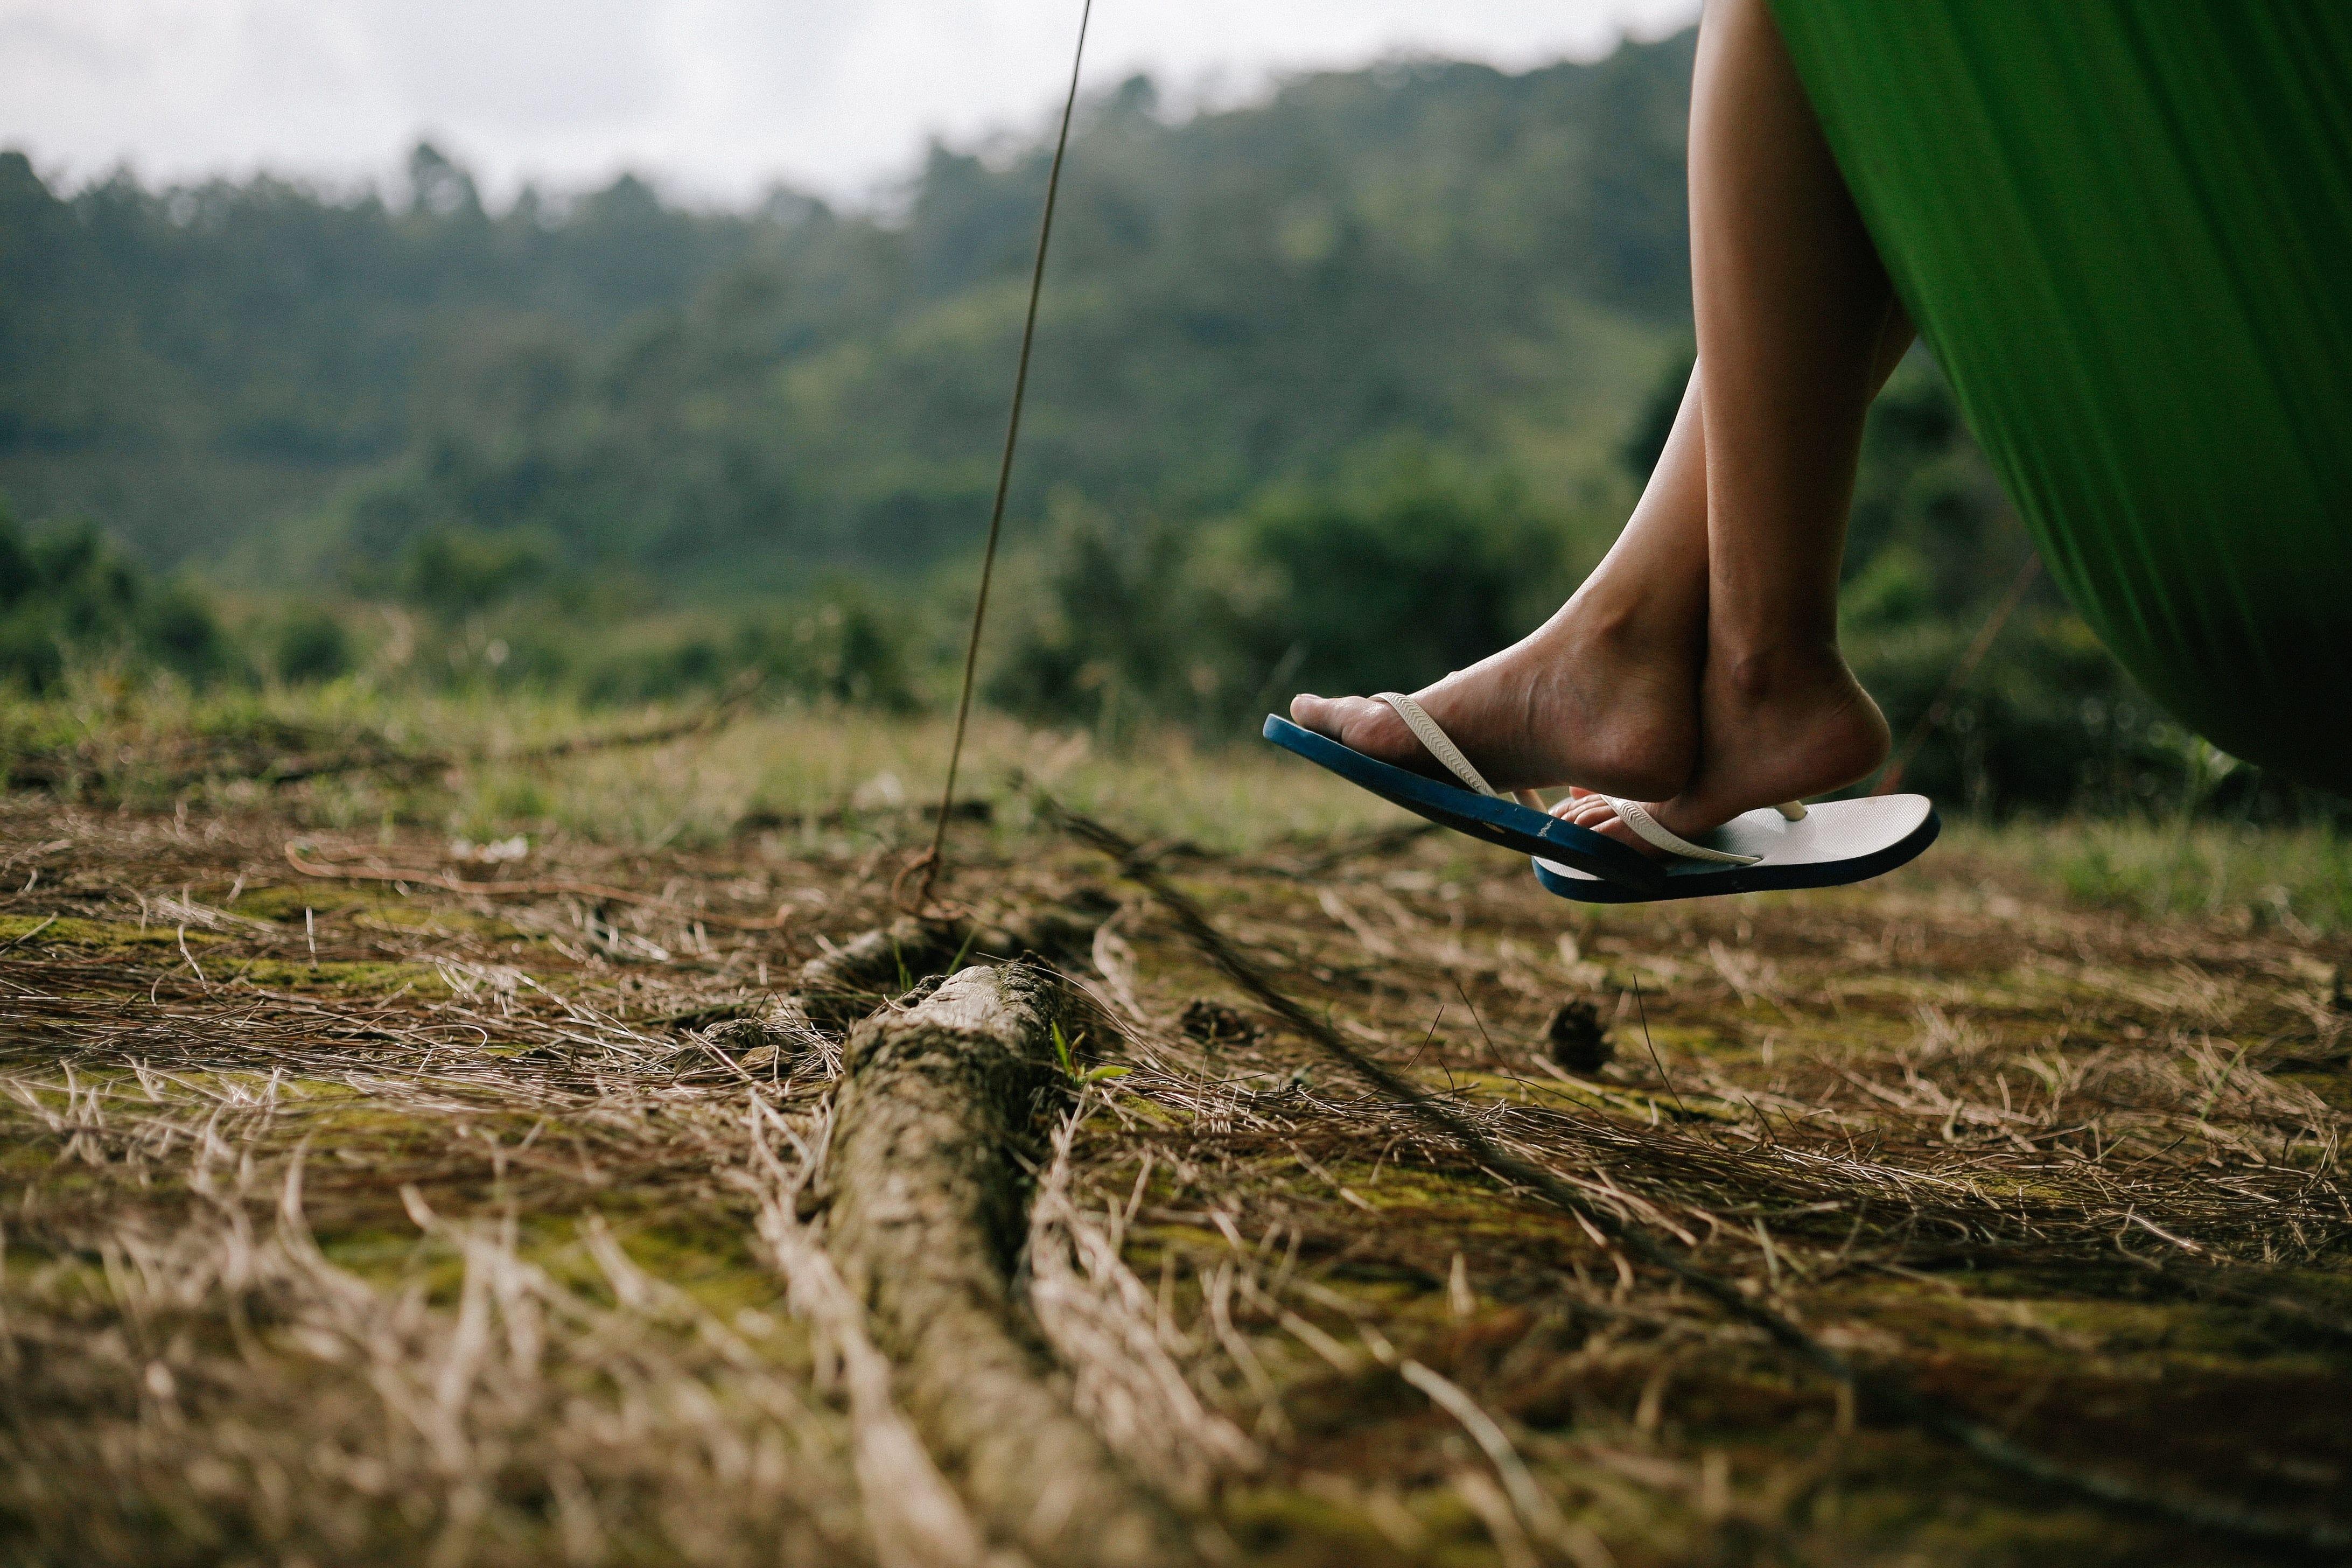 Only wear sturdy flip flops.